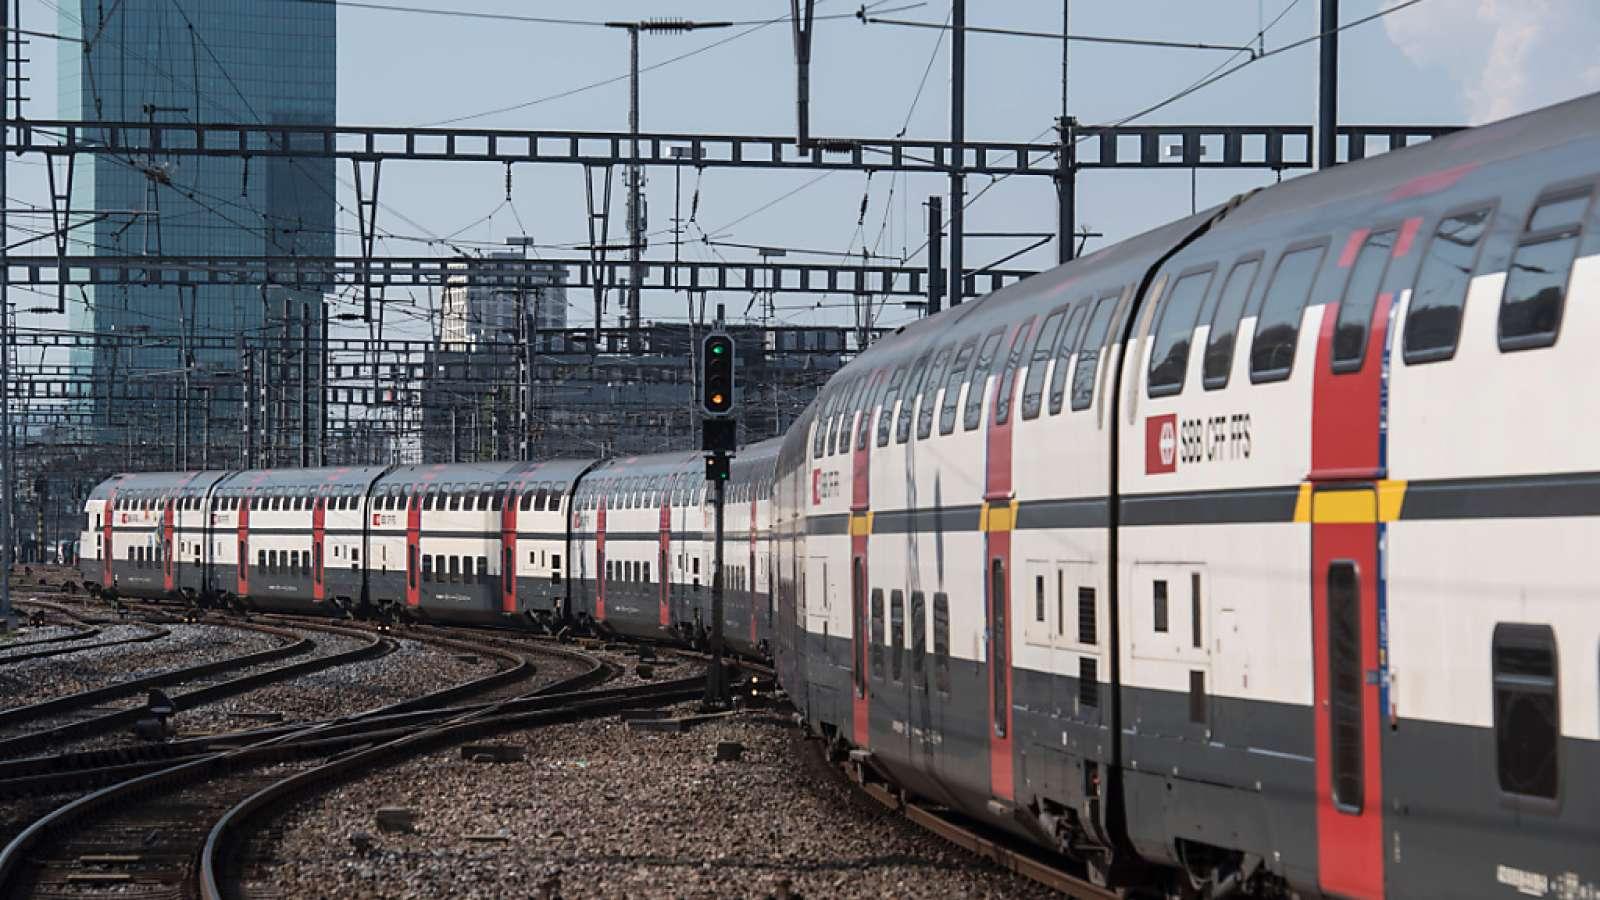 Mit der Digitalisierung will die SBB in den nächsten Jahren die Kapazität des Schienennetzes um bis zu 30 Prozent steigern. (Archivbild)